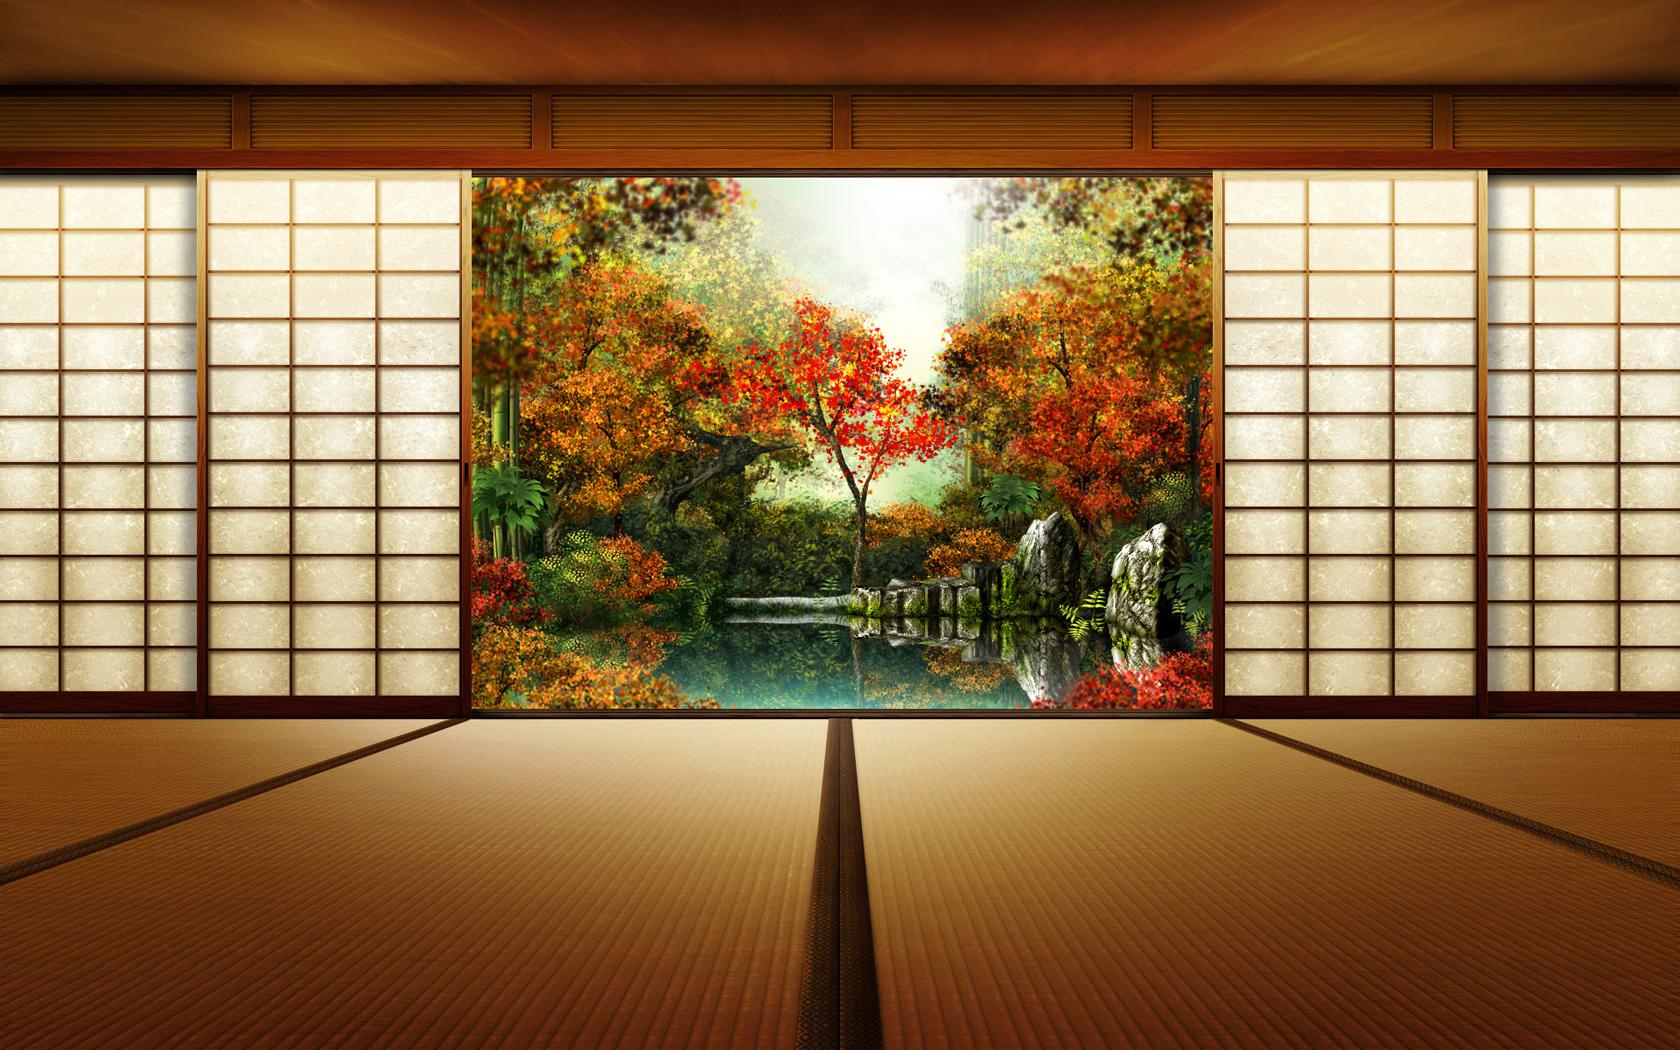 Japan House Indoor Wallpaper 1680x1050 ID26751 1680x1050